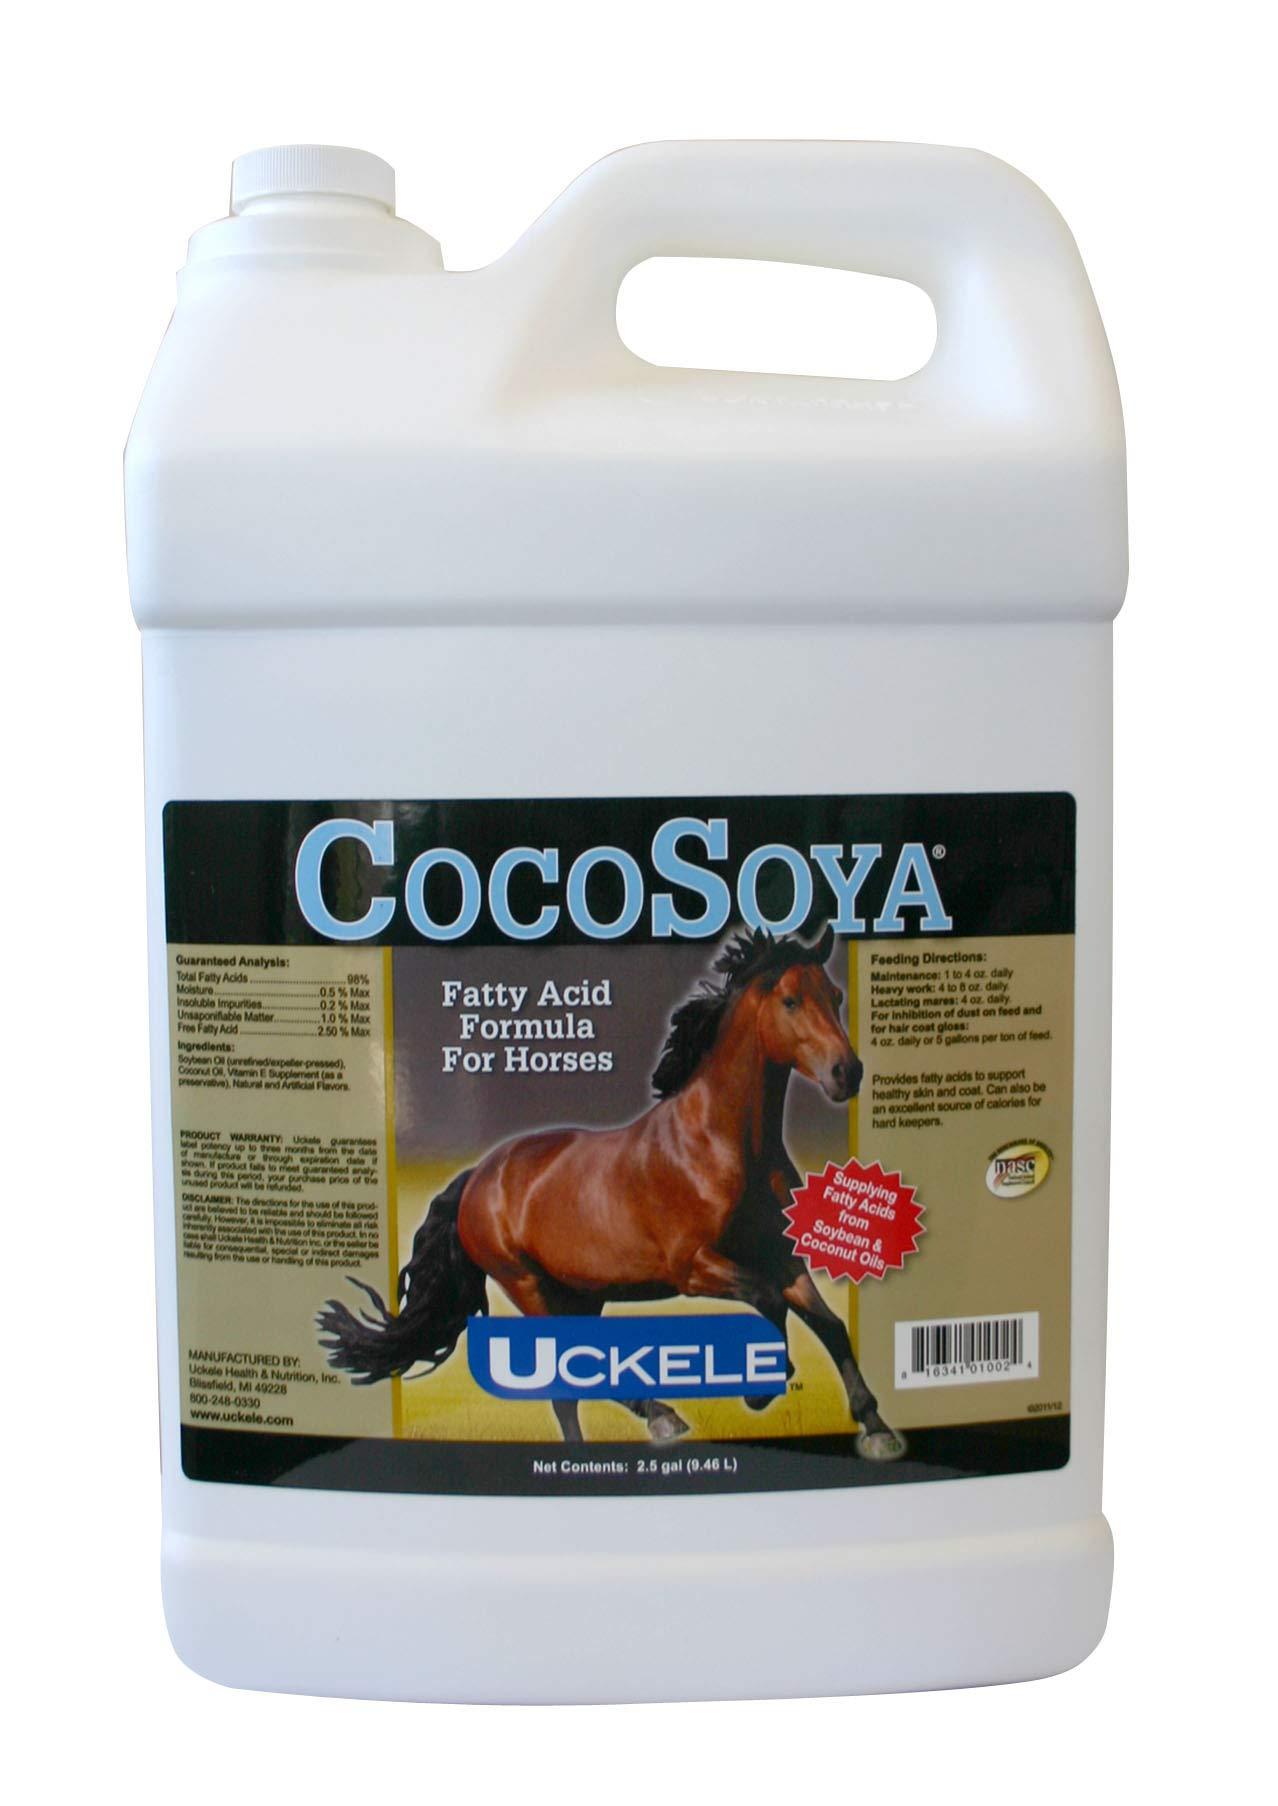 Uckele Cocosoya 2.5 gal by Uckele